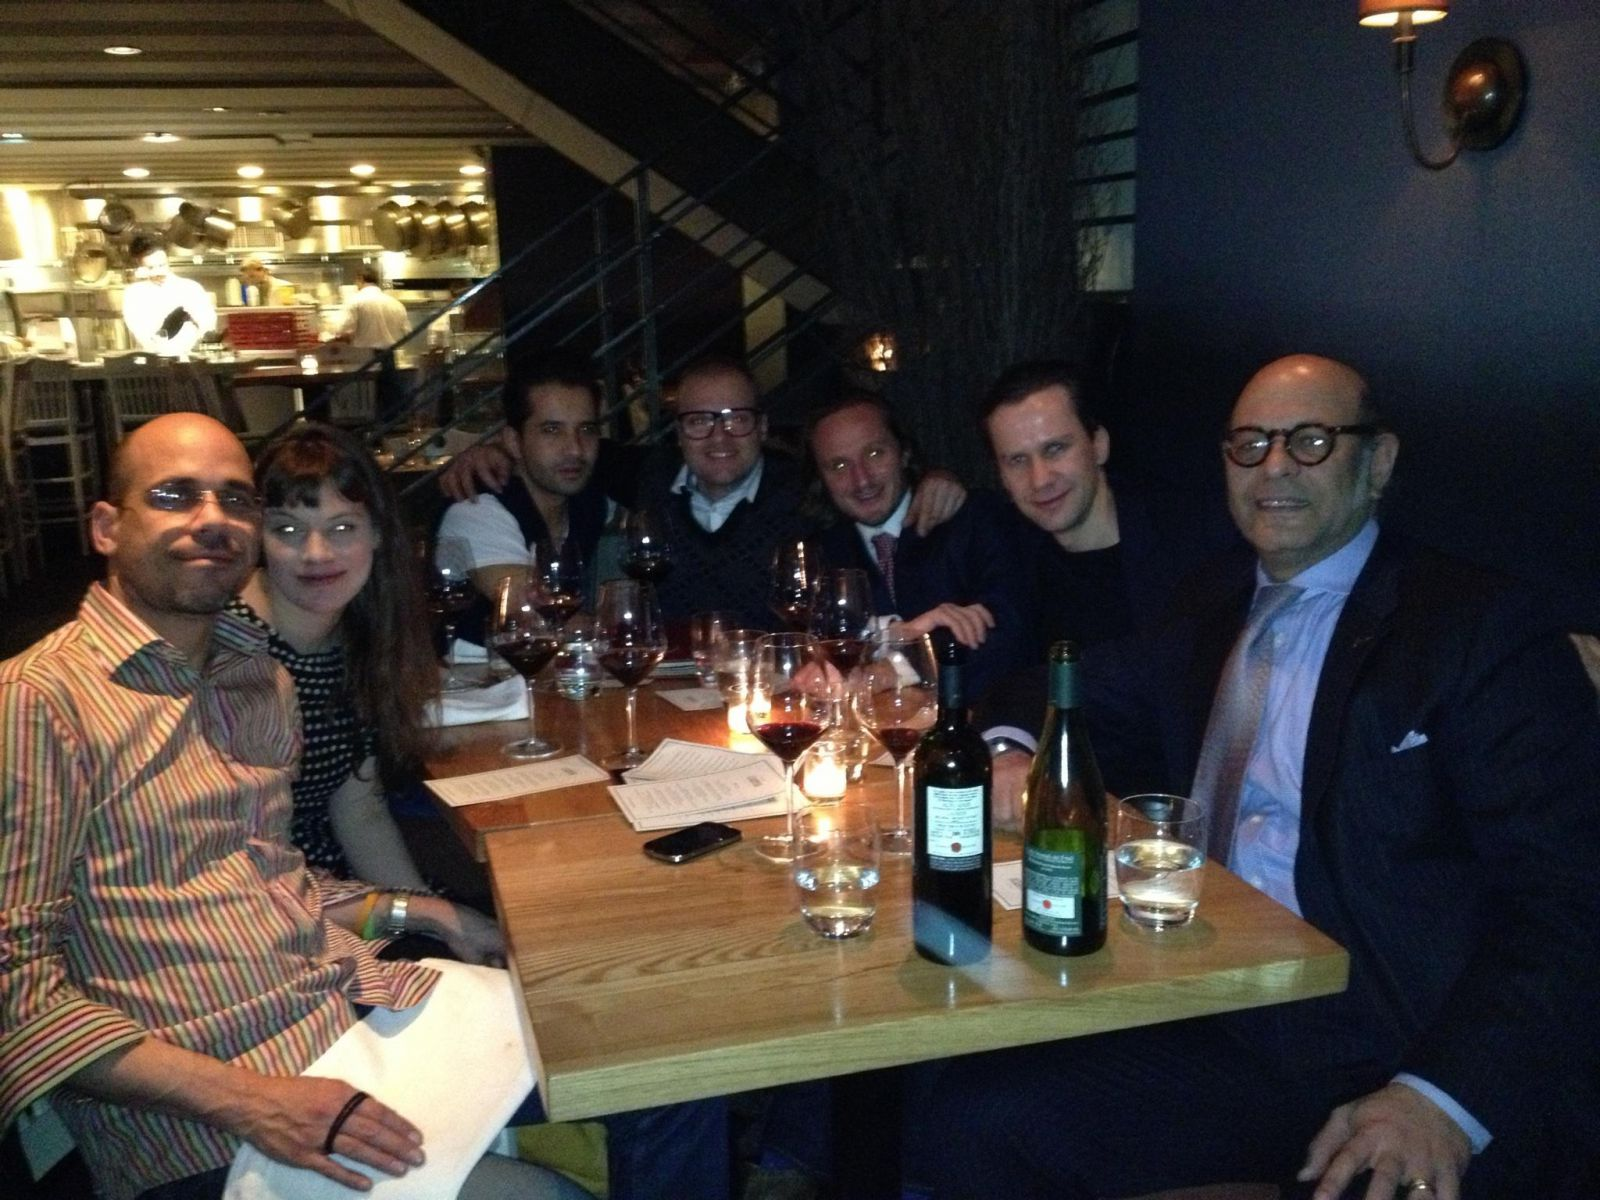 Peter Soelva visit to NYC